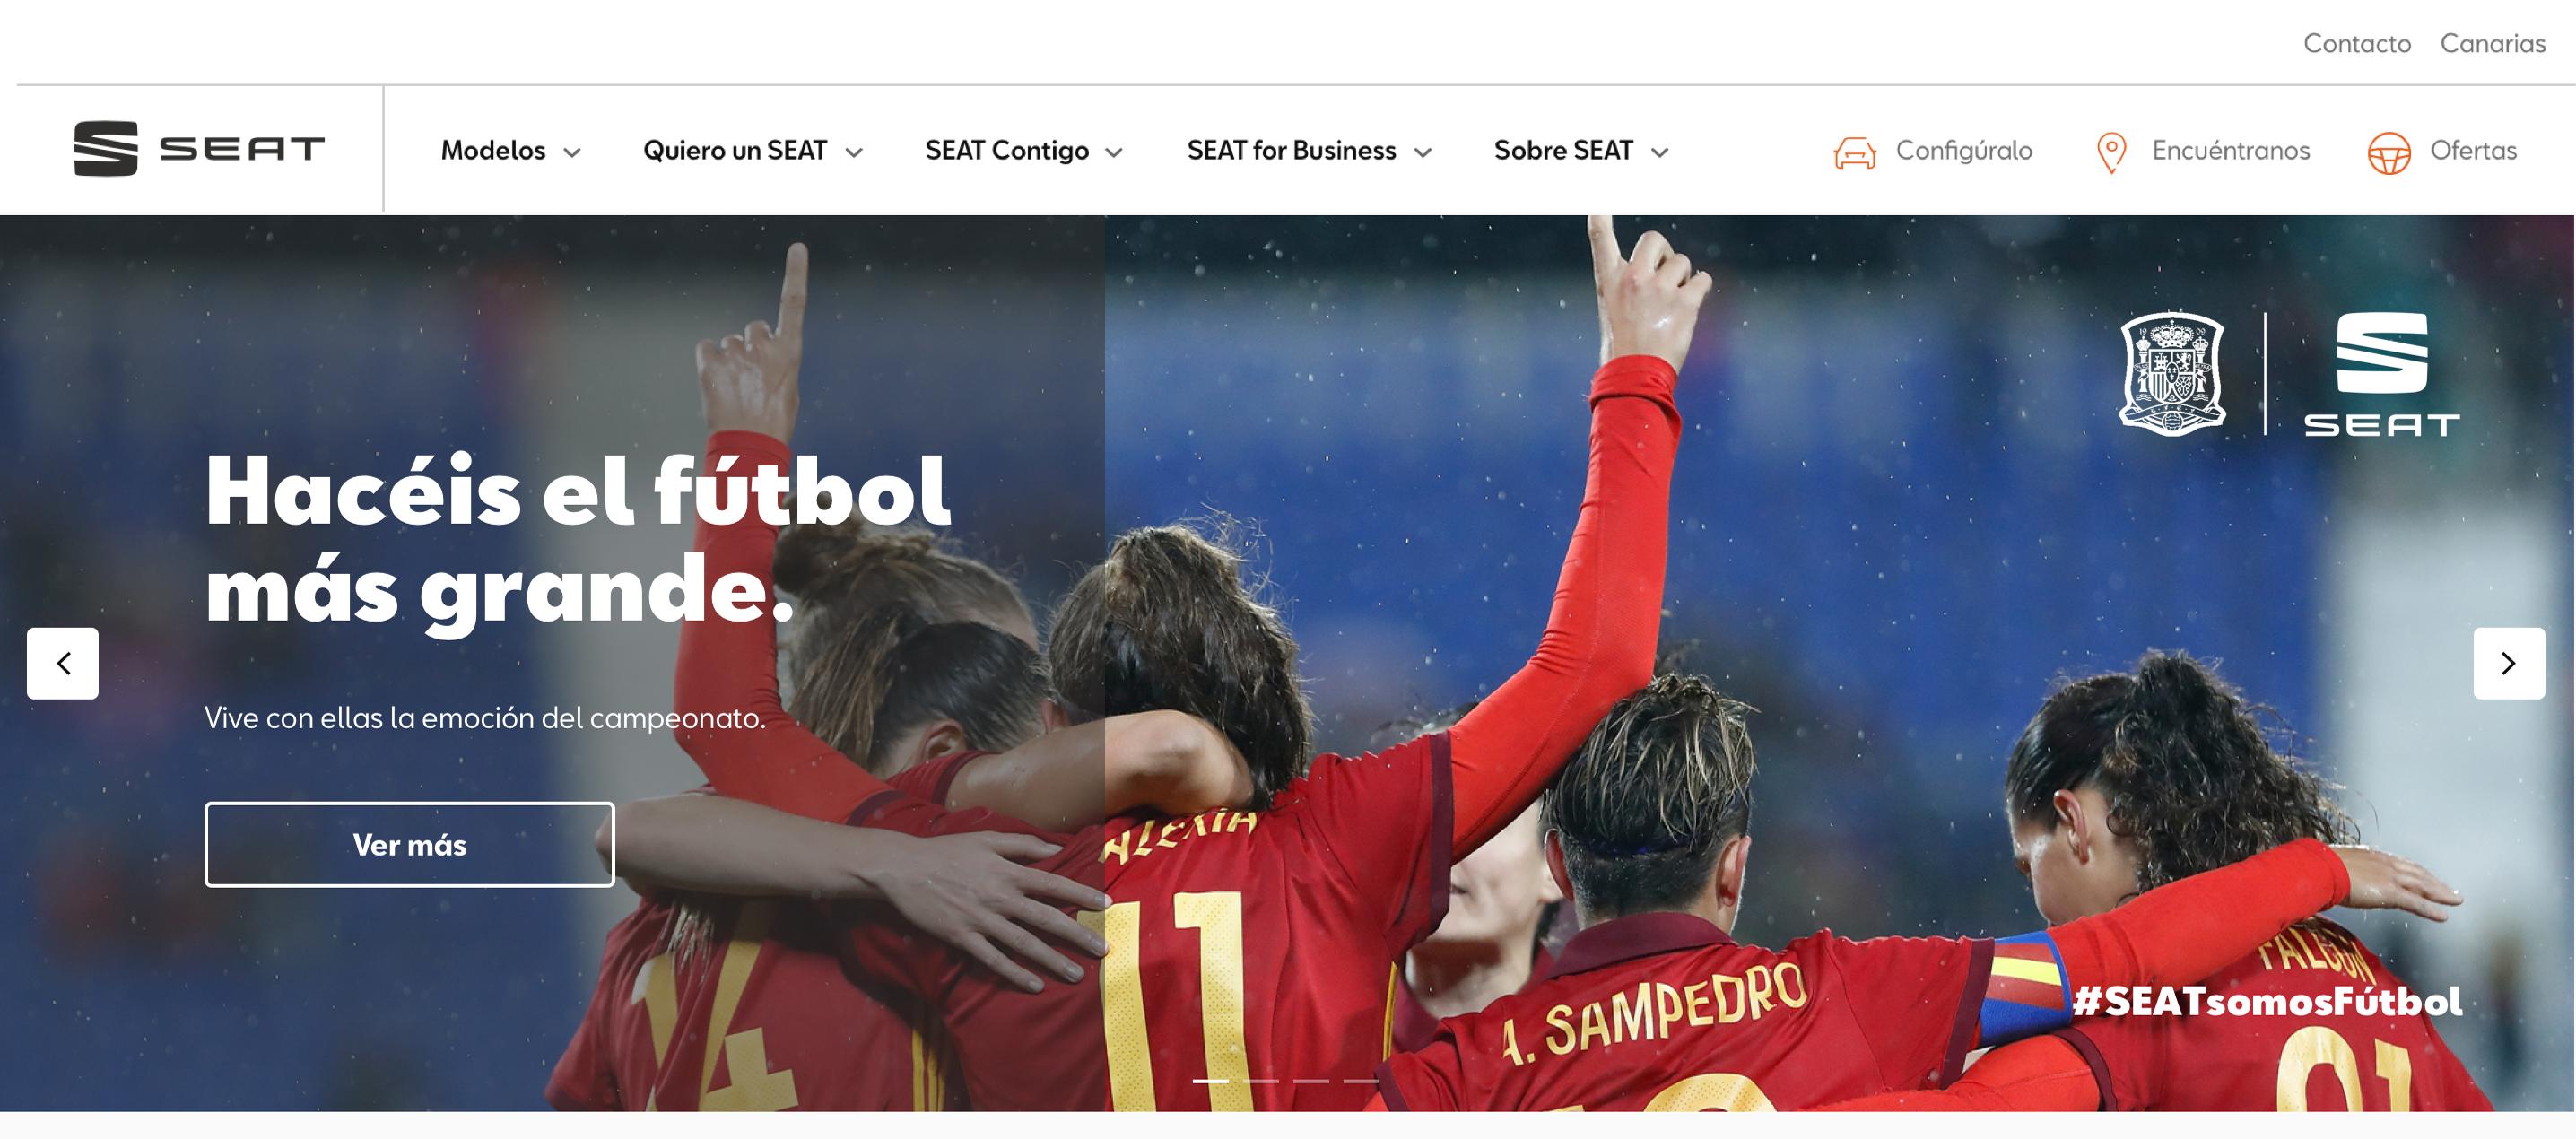 La Selección Femenina de Fútbol protagonista del anuncio de SEAT